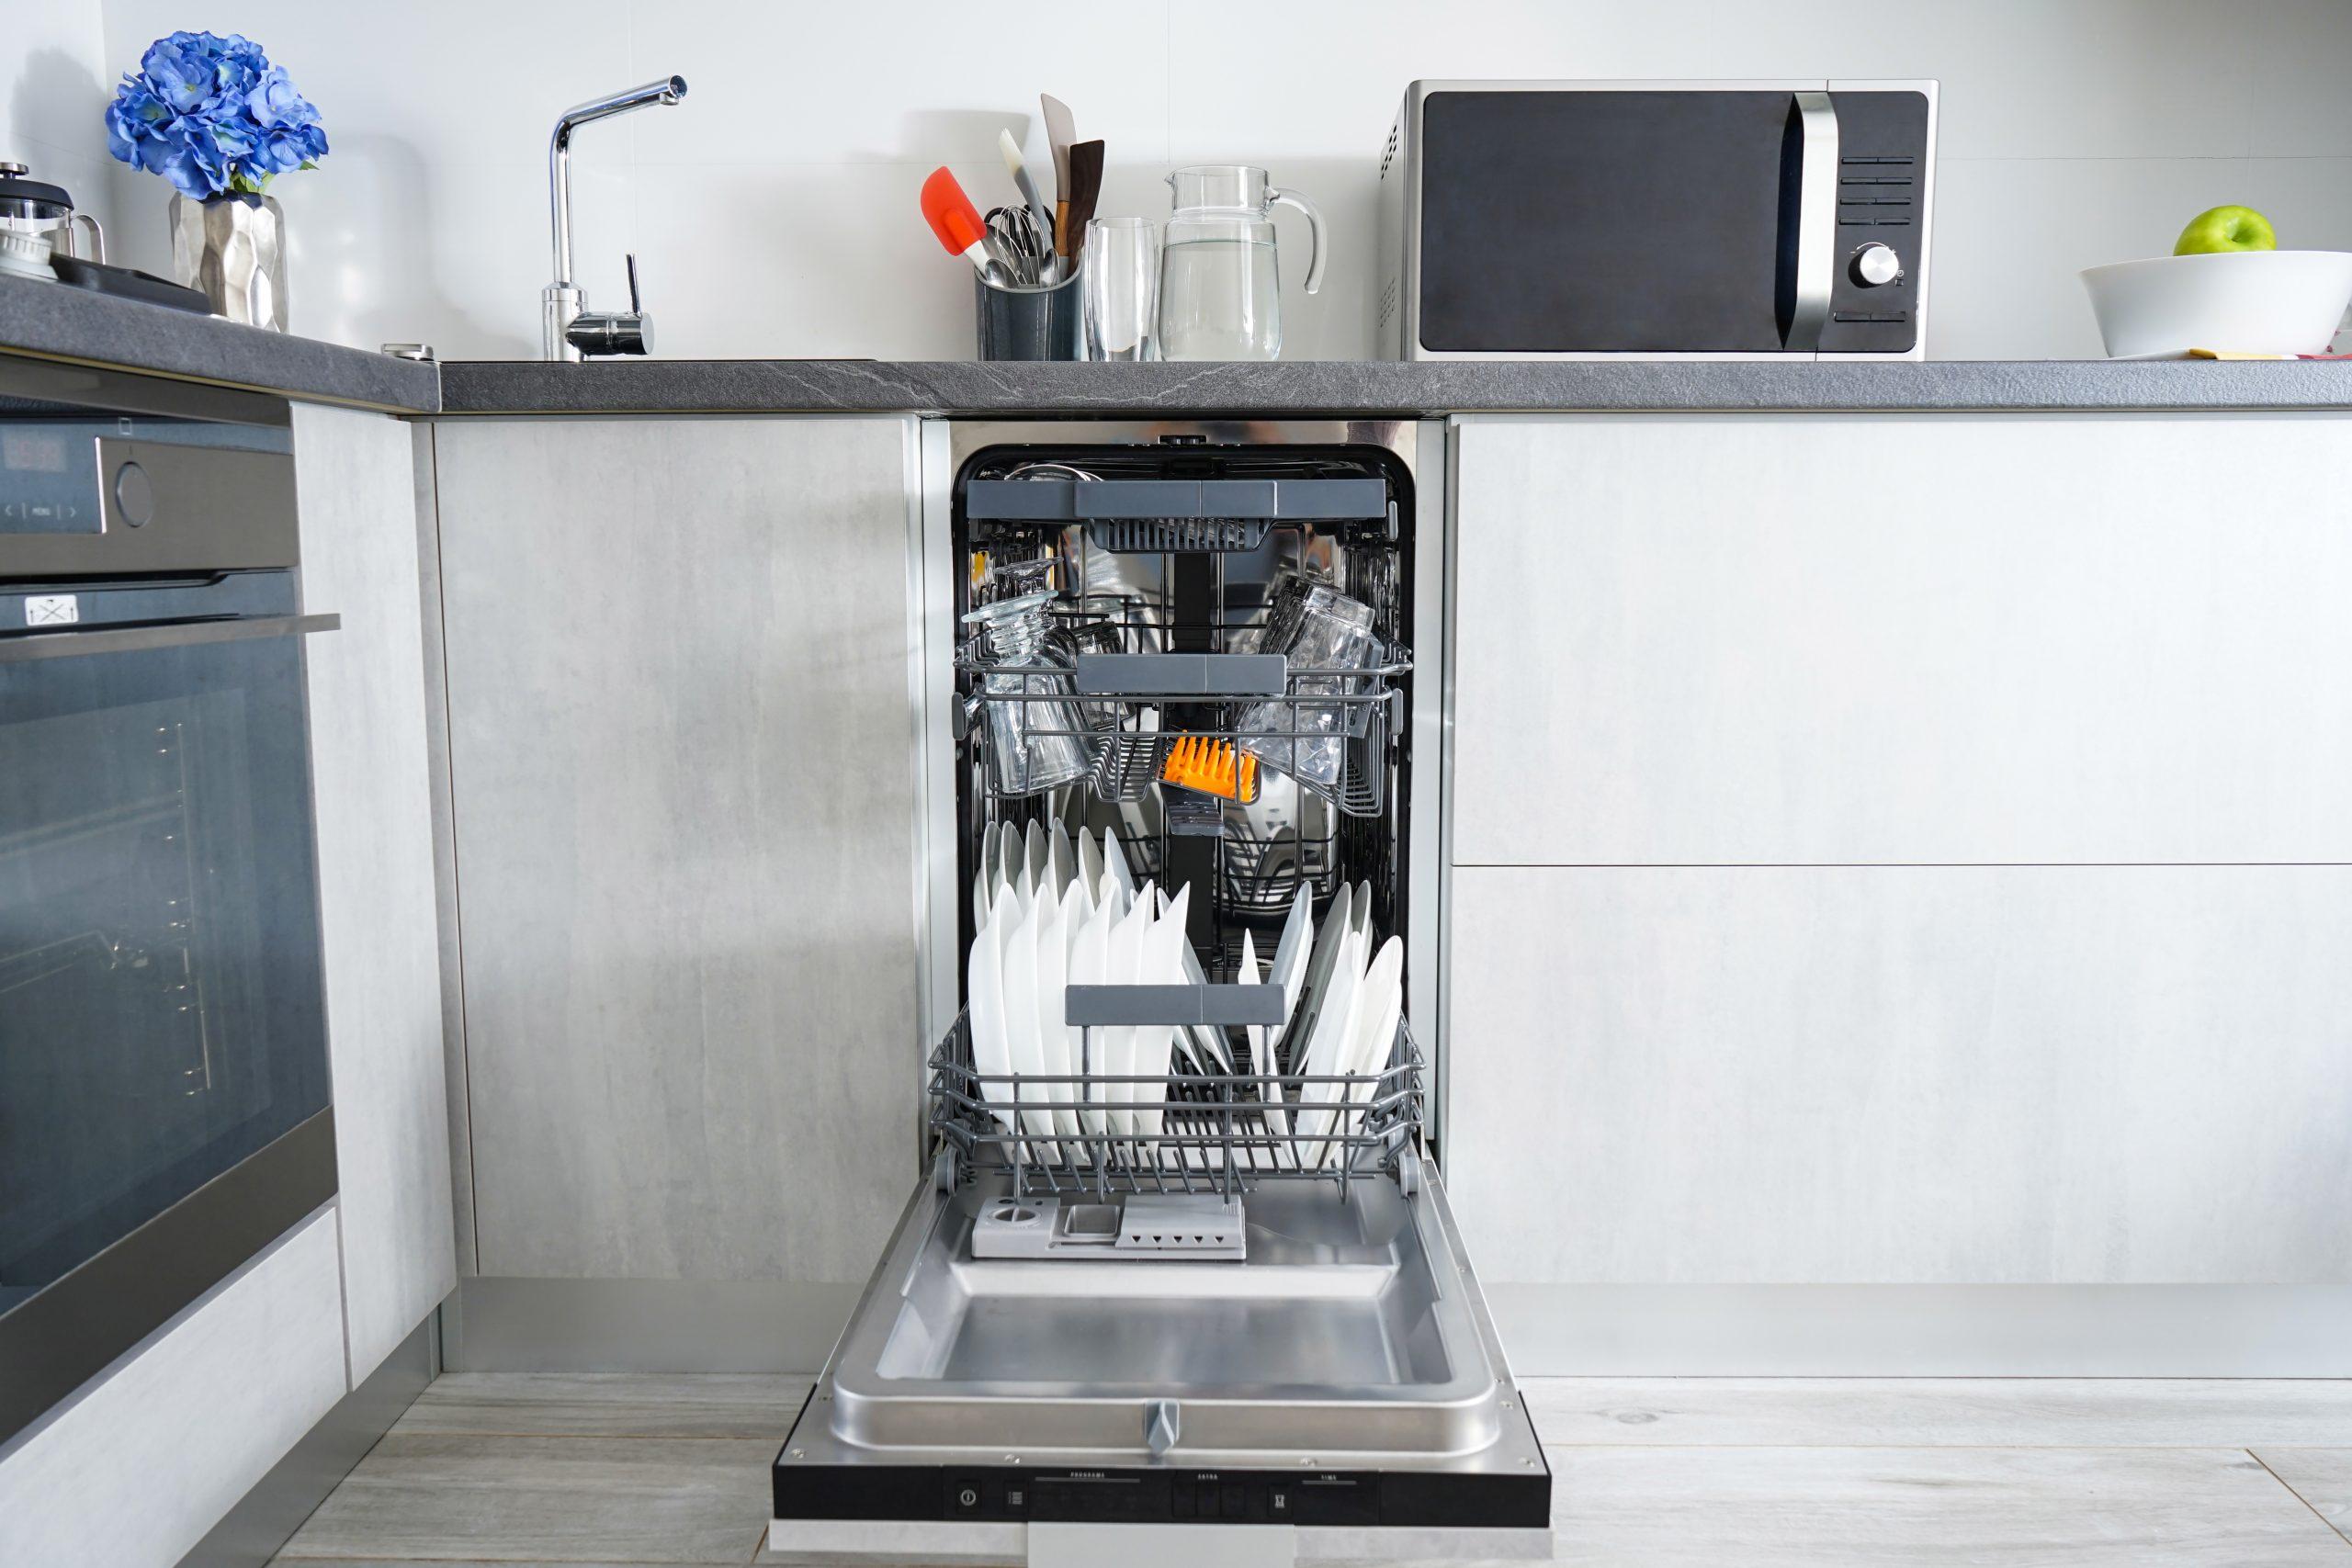 lave-verre professionnel dans votre cuisine